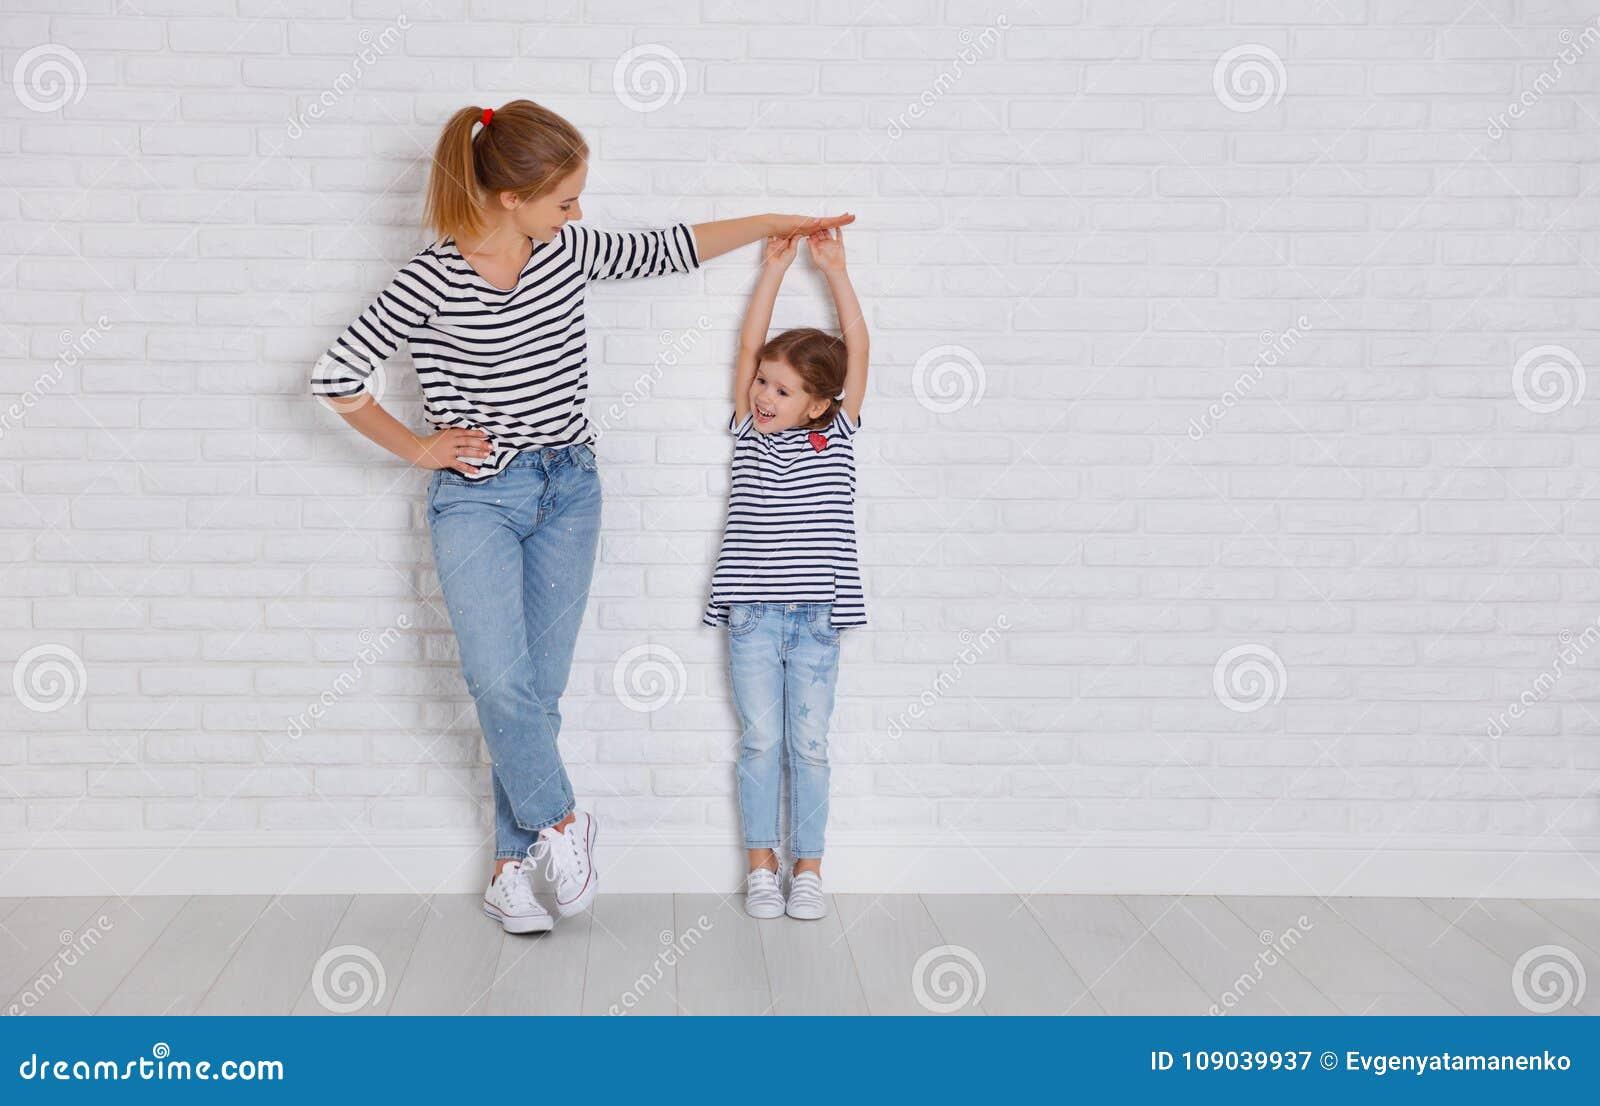 Begrepp av familjen modern mäter tillväxt av barnet till daught